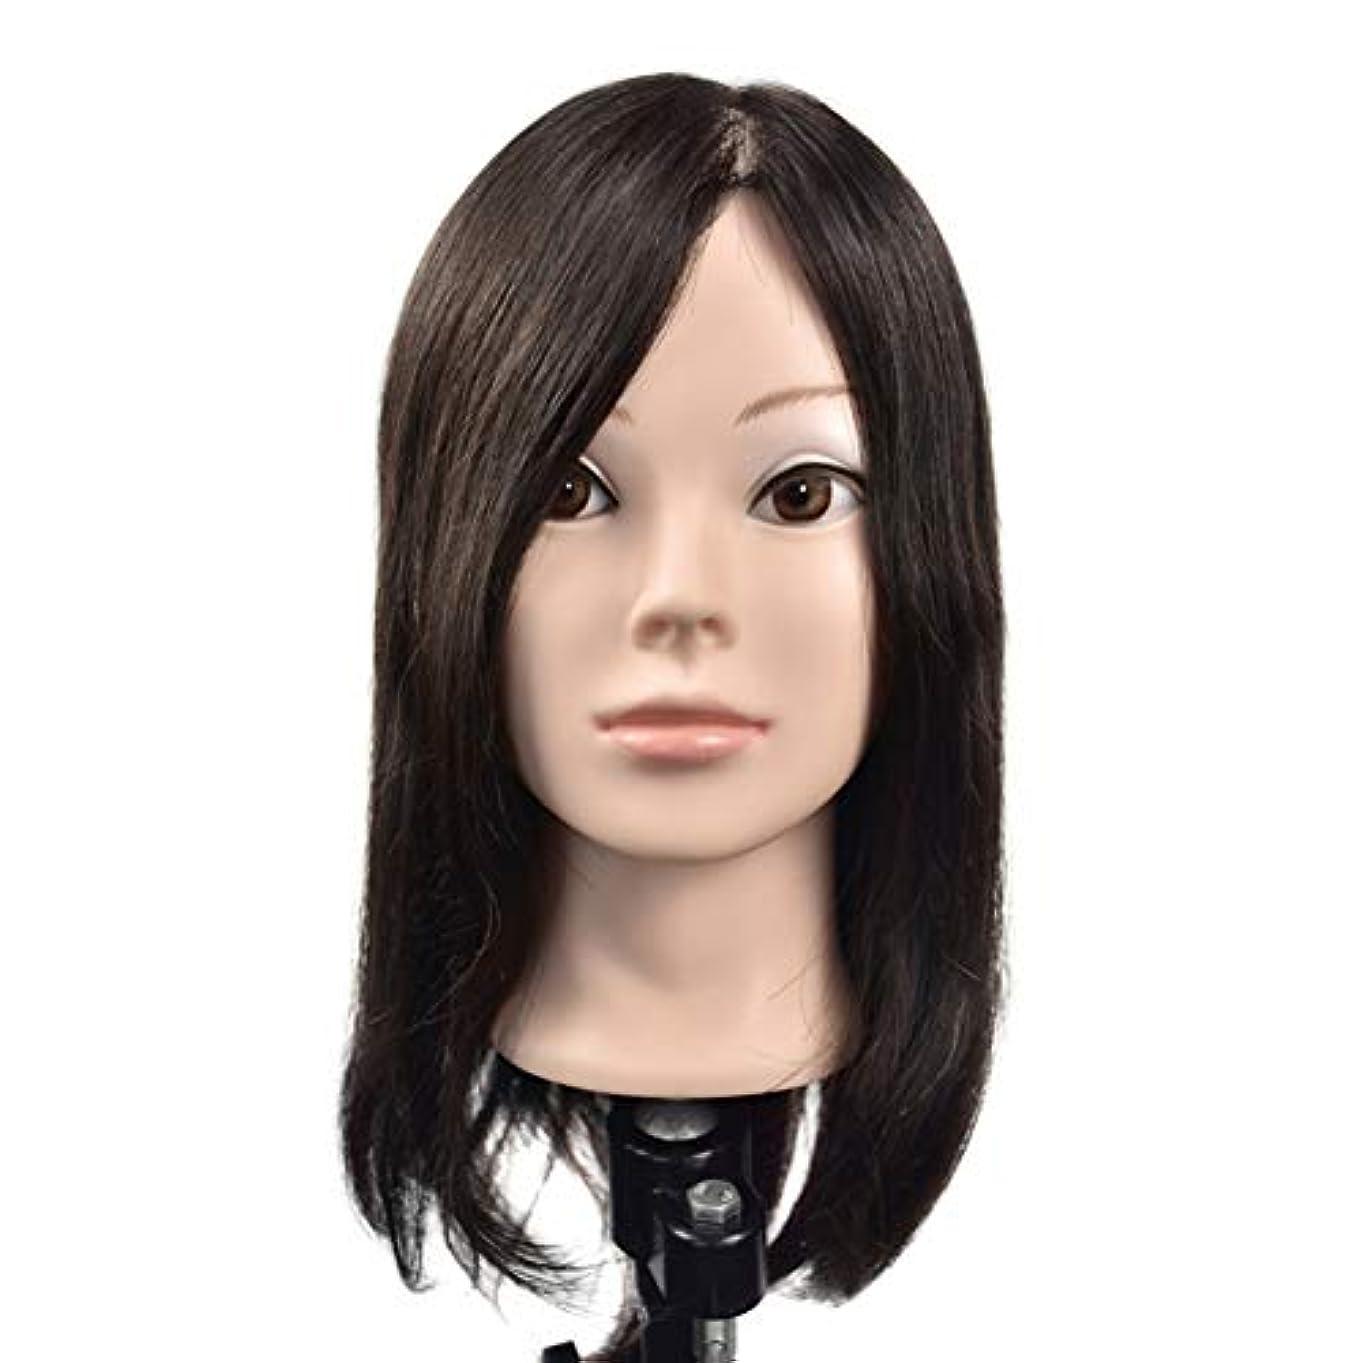 タイルフィッティング普通のリアルヘアースタイリングモデルヘッド女性モデル頭ティーチングヘッド理髪店編組髪染め学習ダミーヘッド